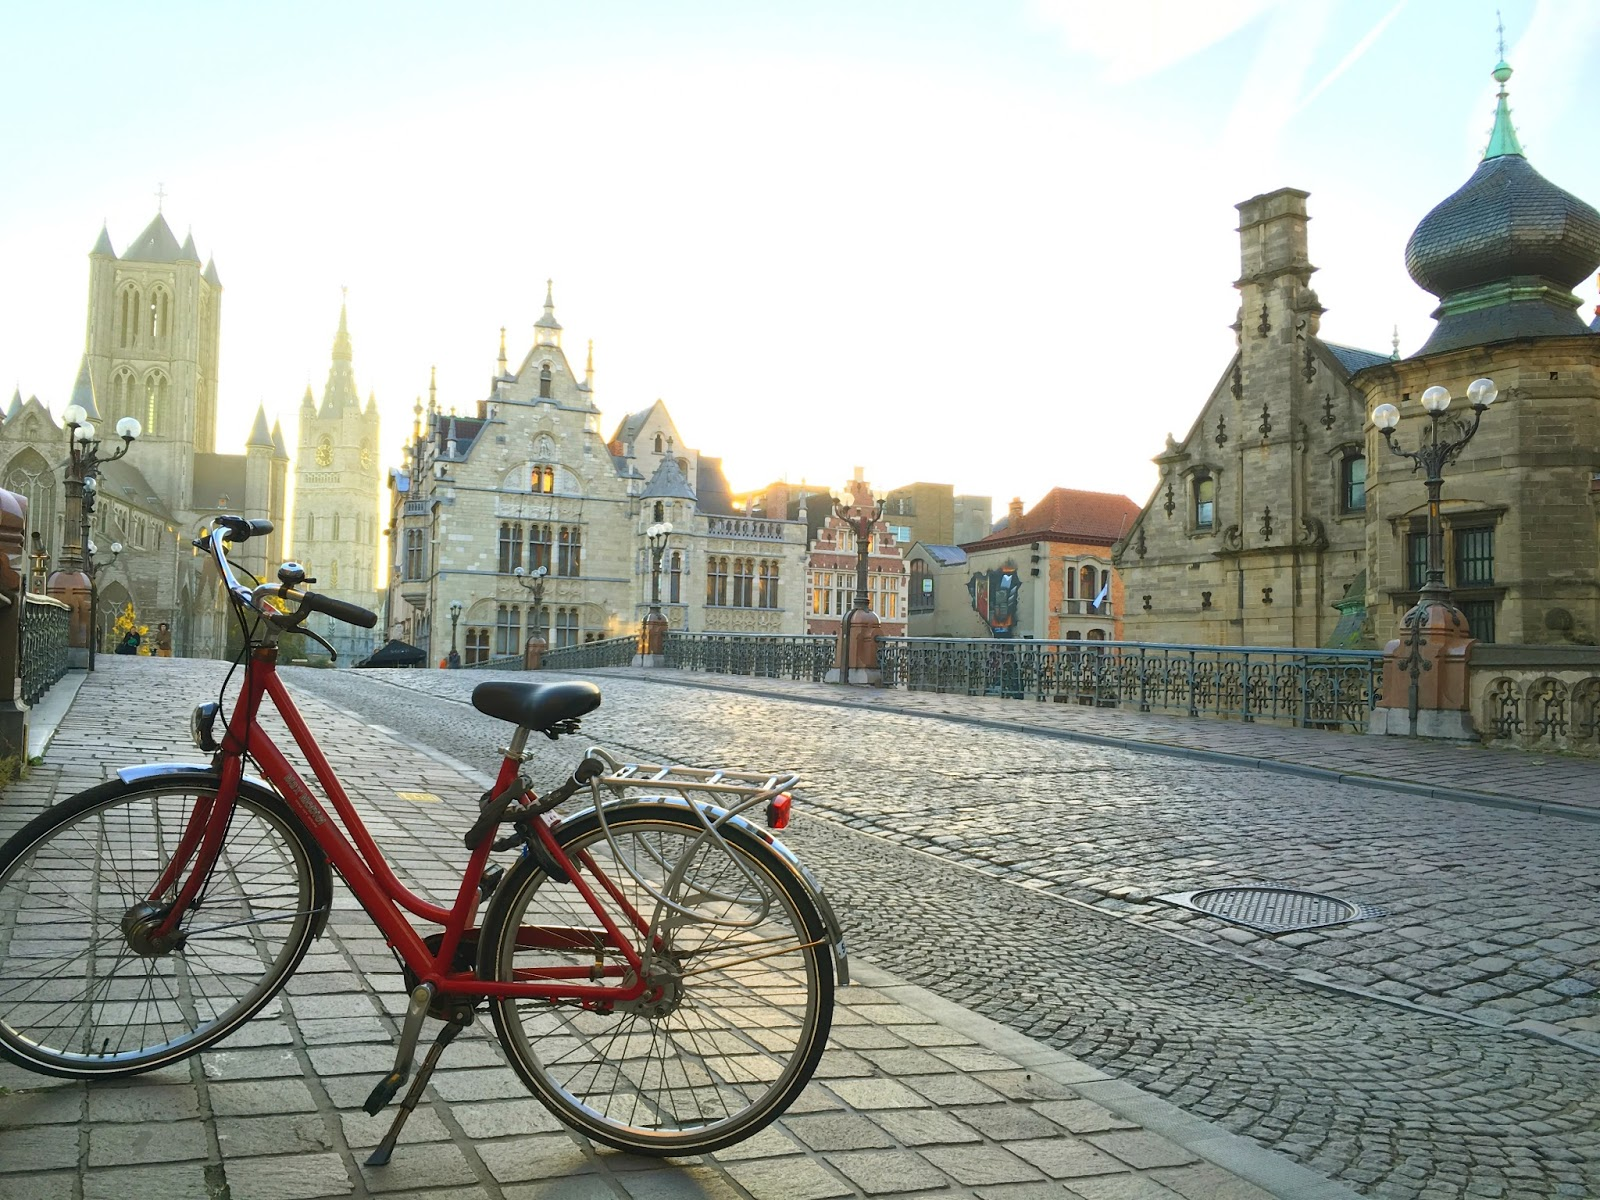 Le Chameau Bleu - Vélo à Gand - Séjour à Gand Belgique